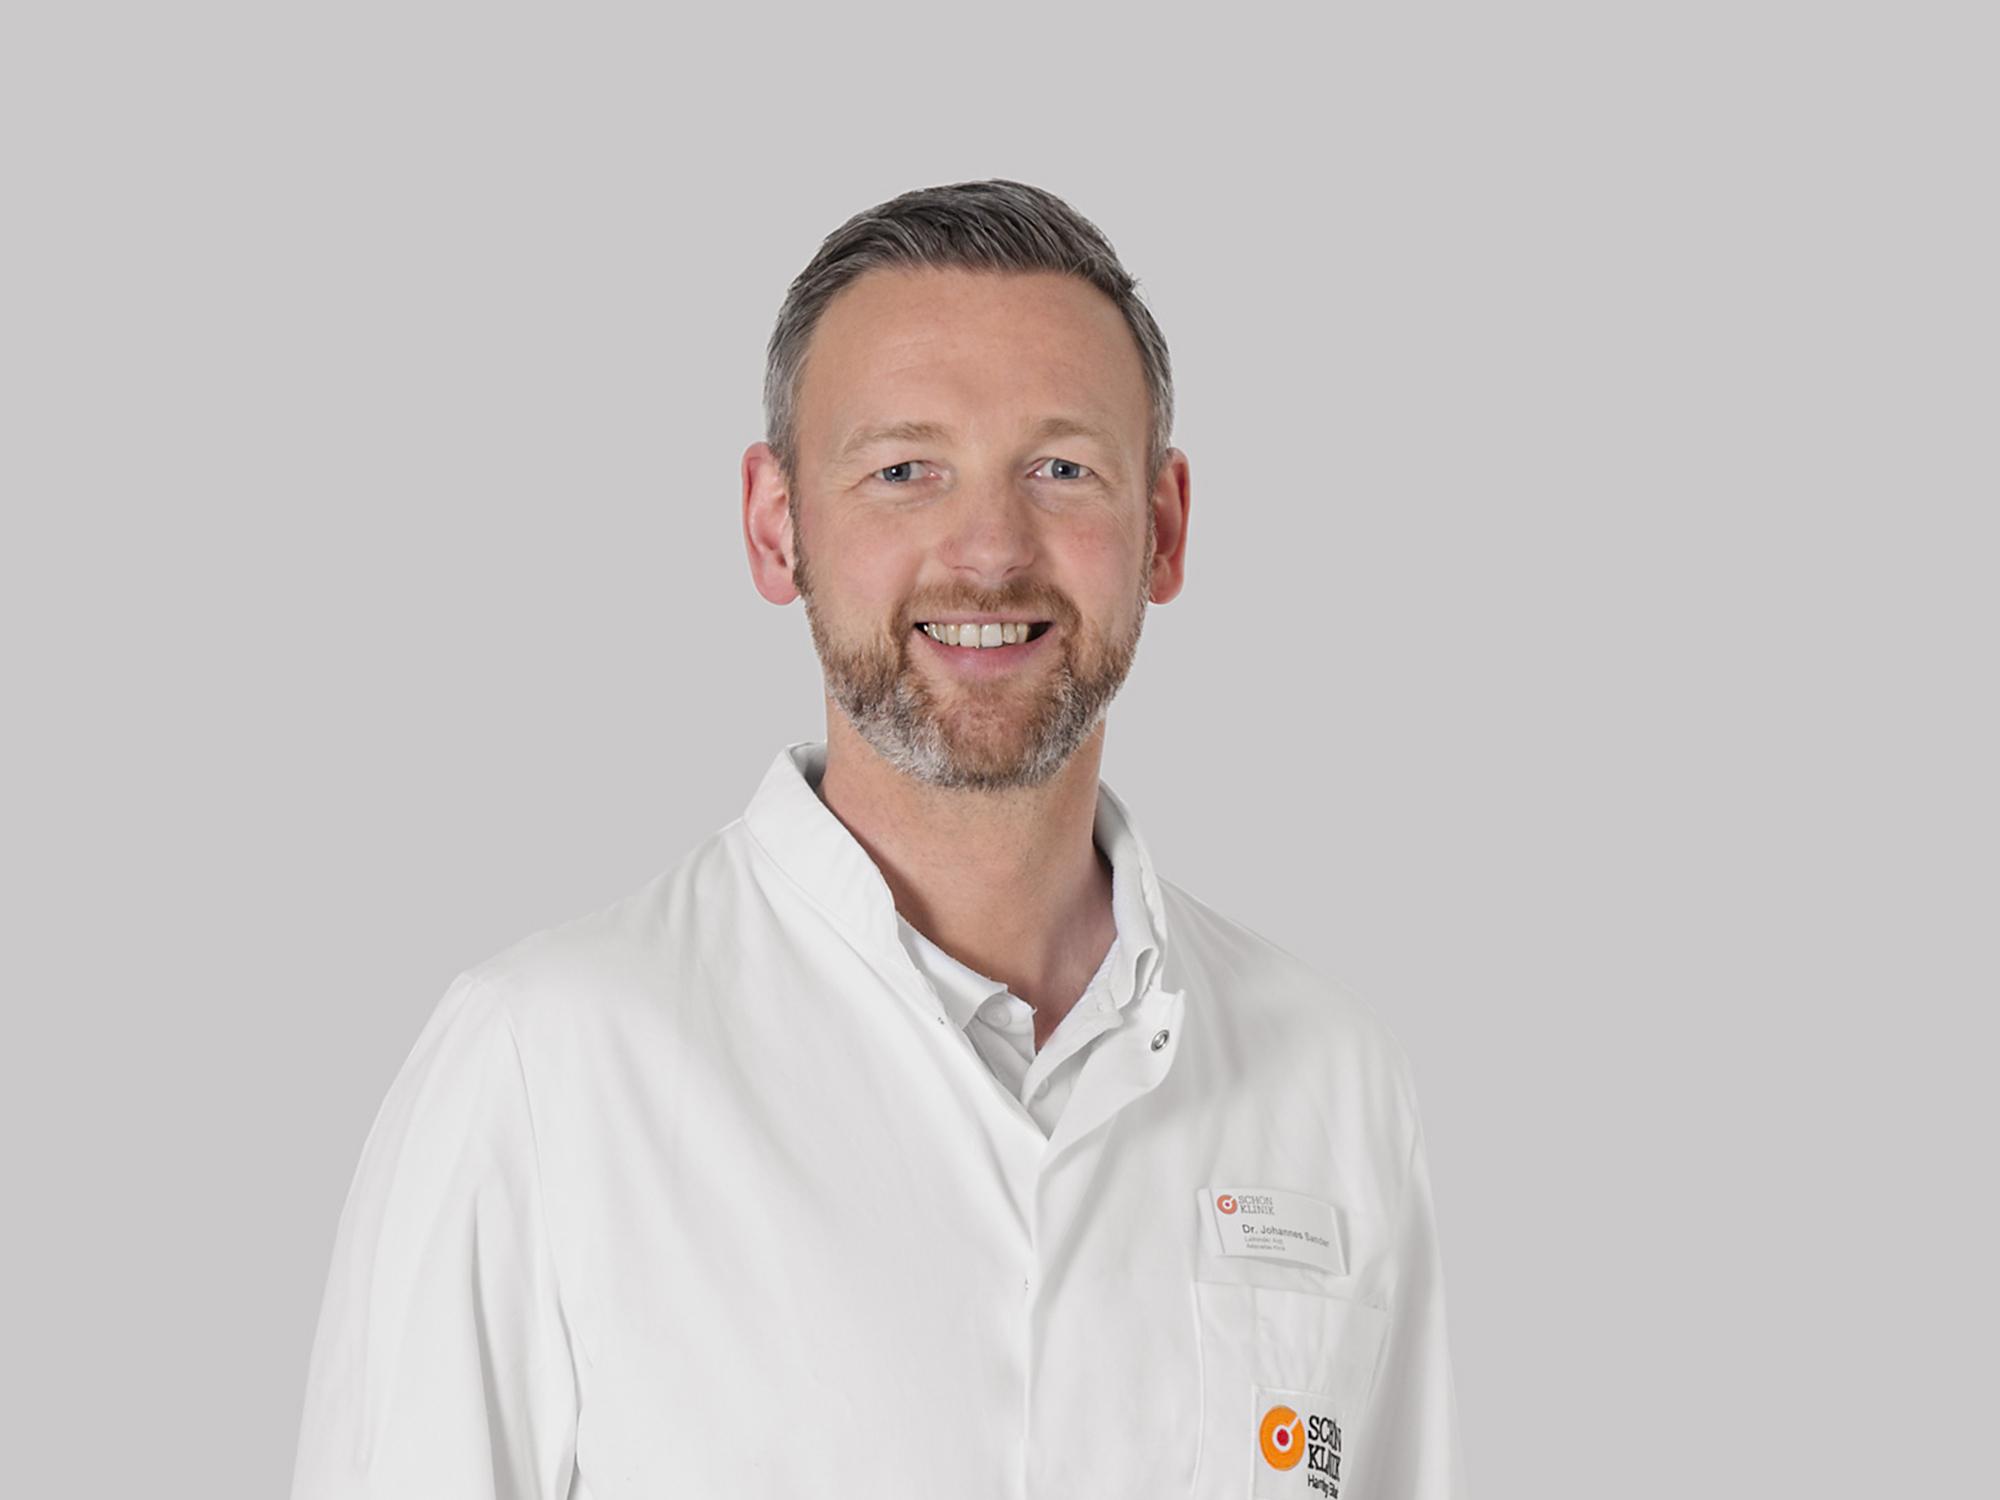 Dr. Johannes Sander ist der Chefarzt der Adipositas Klinik an der Schön Klinik in Hamburg Eilbek.